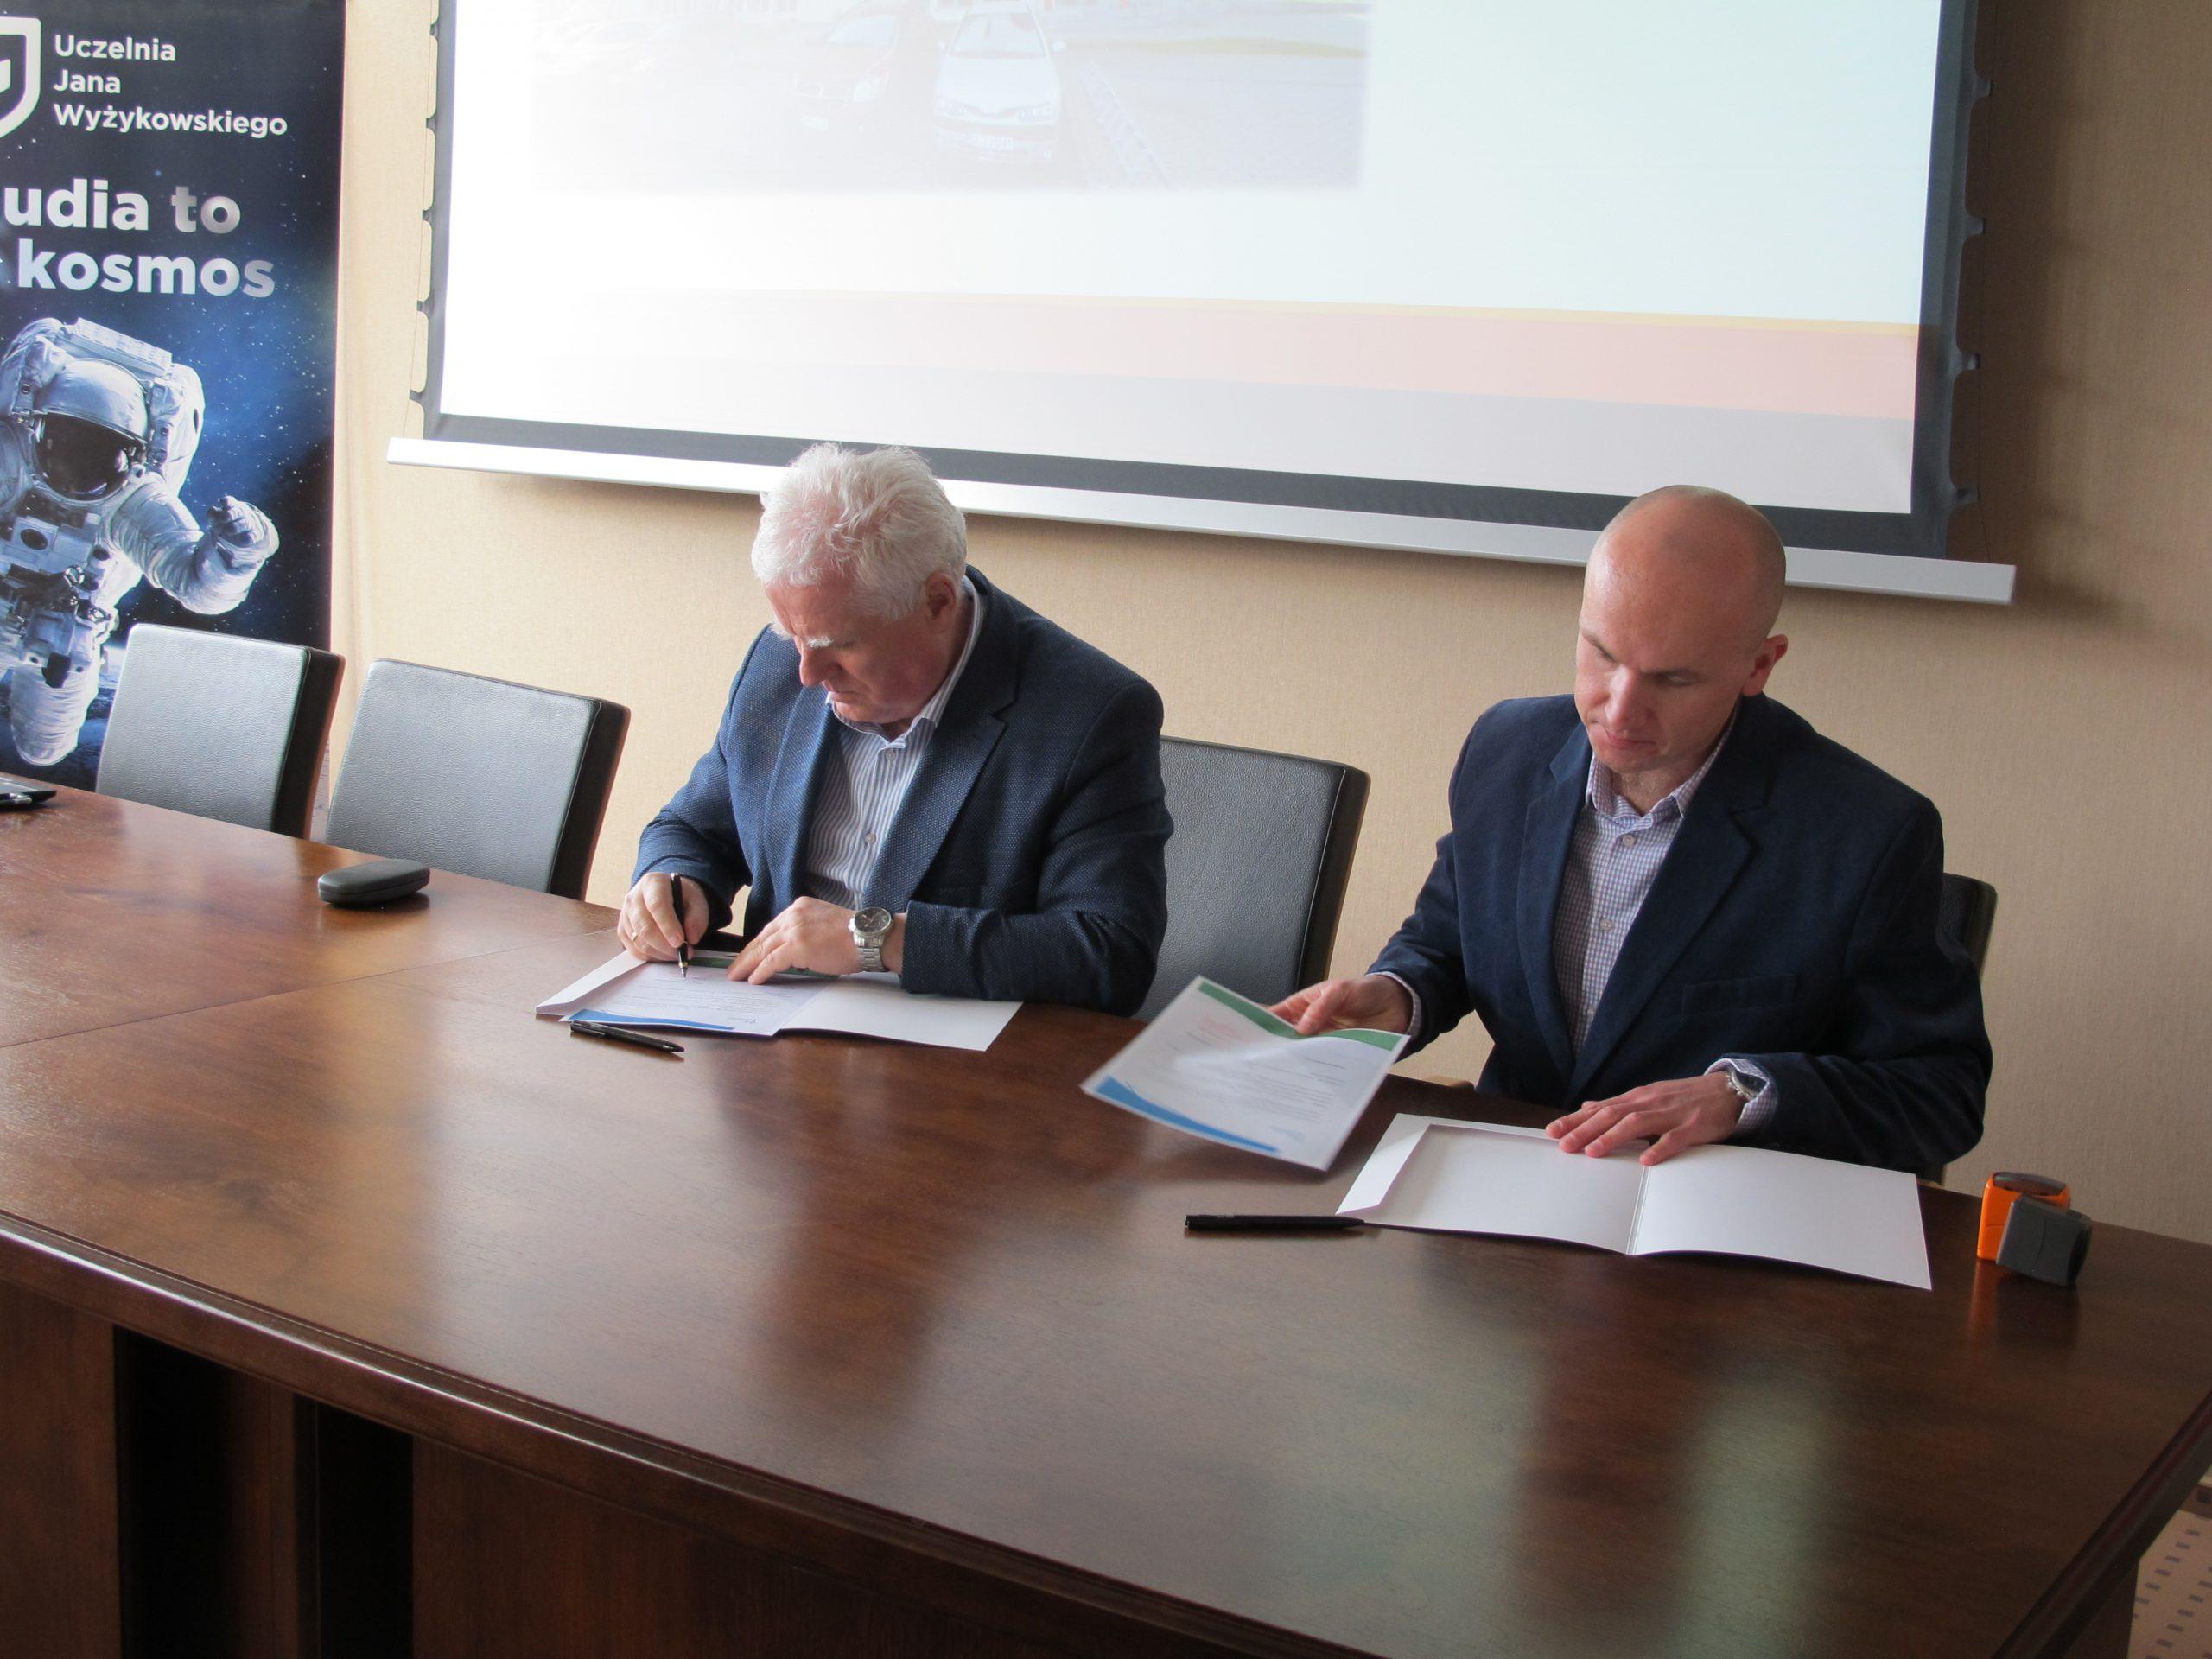 dwóch mężczyzn siedzi przy stole i podpisuje umowę o współpracy